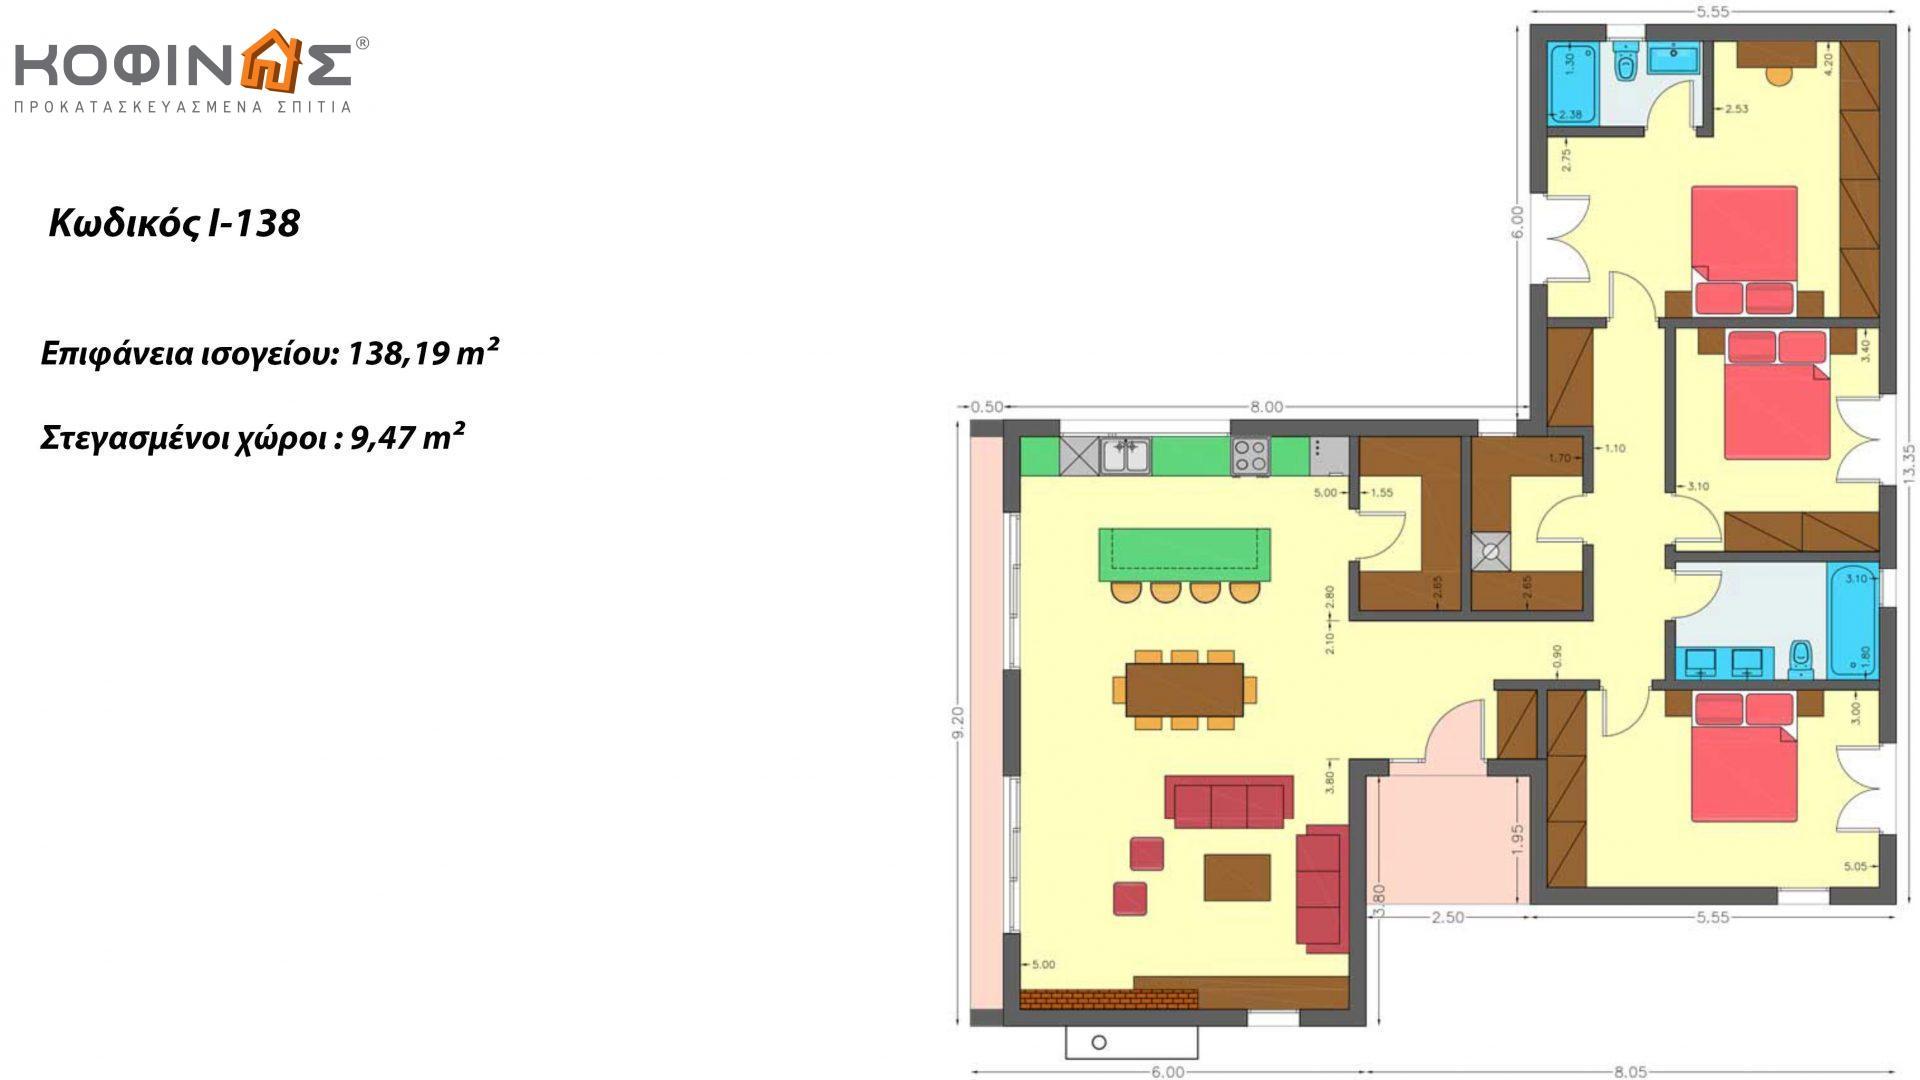 Ισόγεια Κατοικία I-138, συνολικής επιφάνειας 138,19 τ.μ., στεγασμένοι χώροι 9,47 τ.μ.